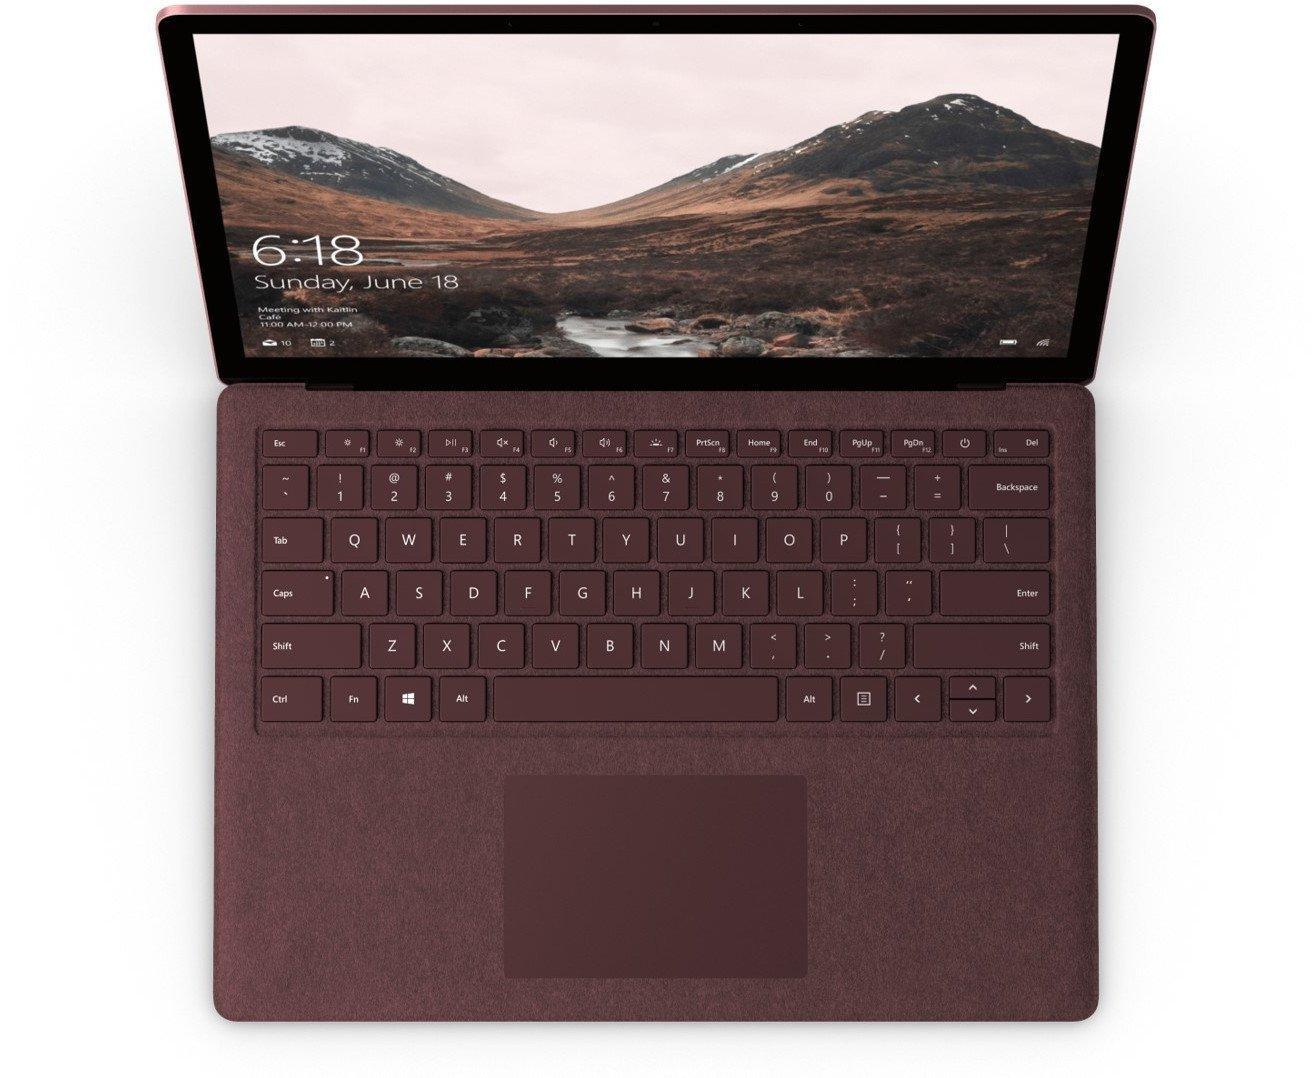 Ordinateur portable Microsoft Surface Laptop - Core i5, 8 Go, 128 Go tactile - photo 10